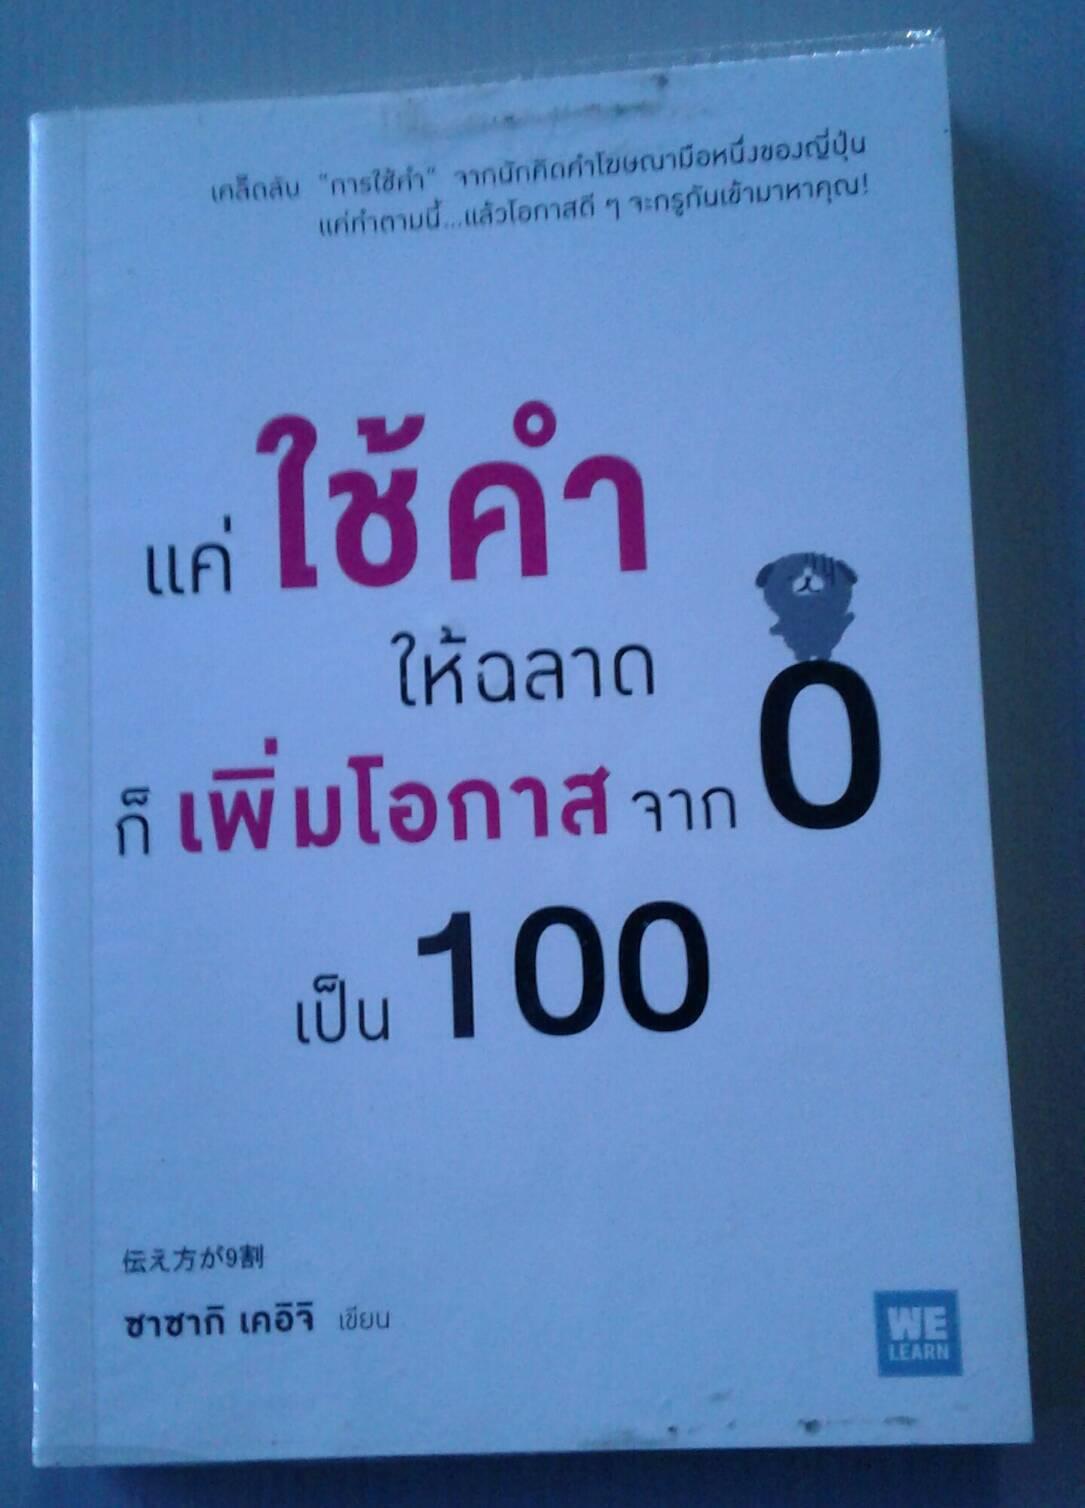 แค่ใช้คำให้ฉลาด ก็เพิ่มโอกาสจาก 0 เป็น 100